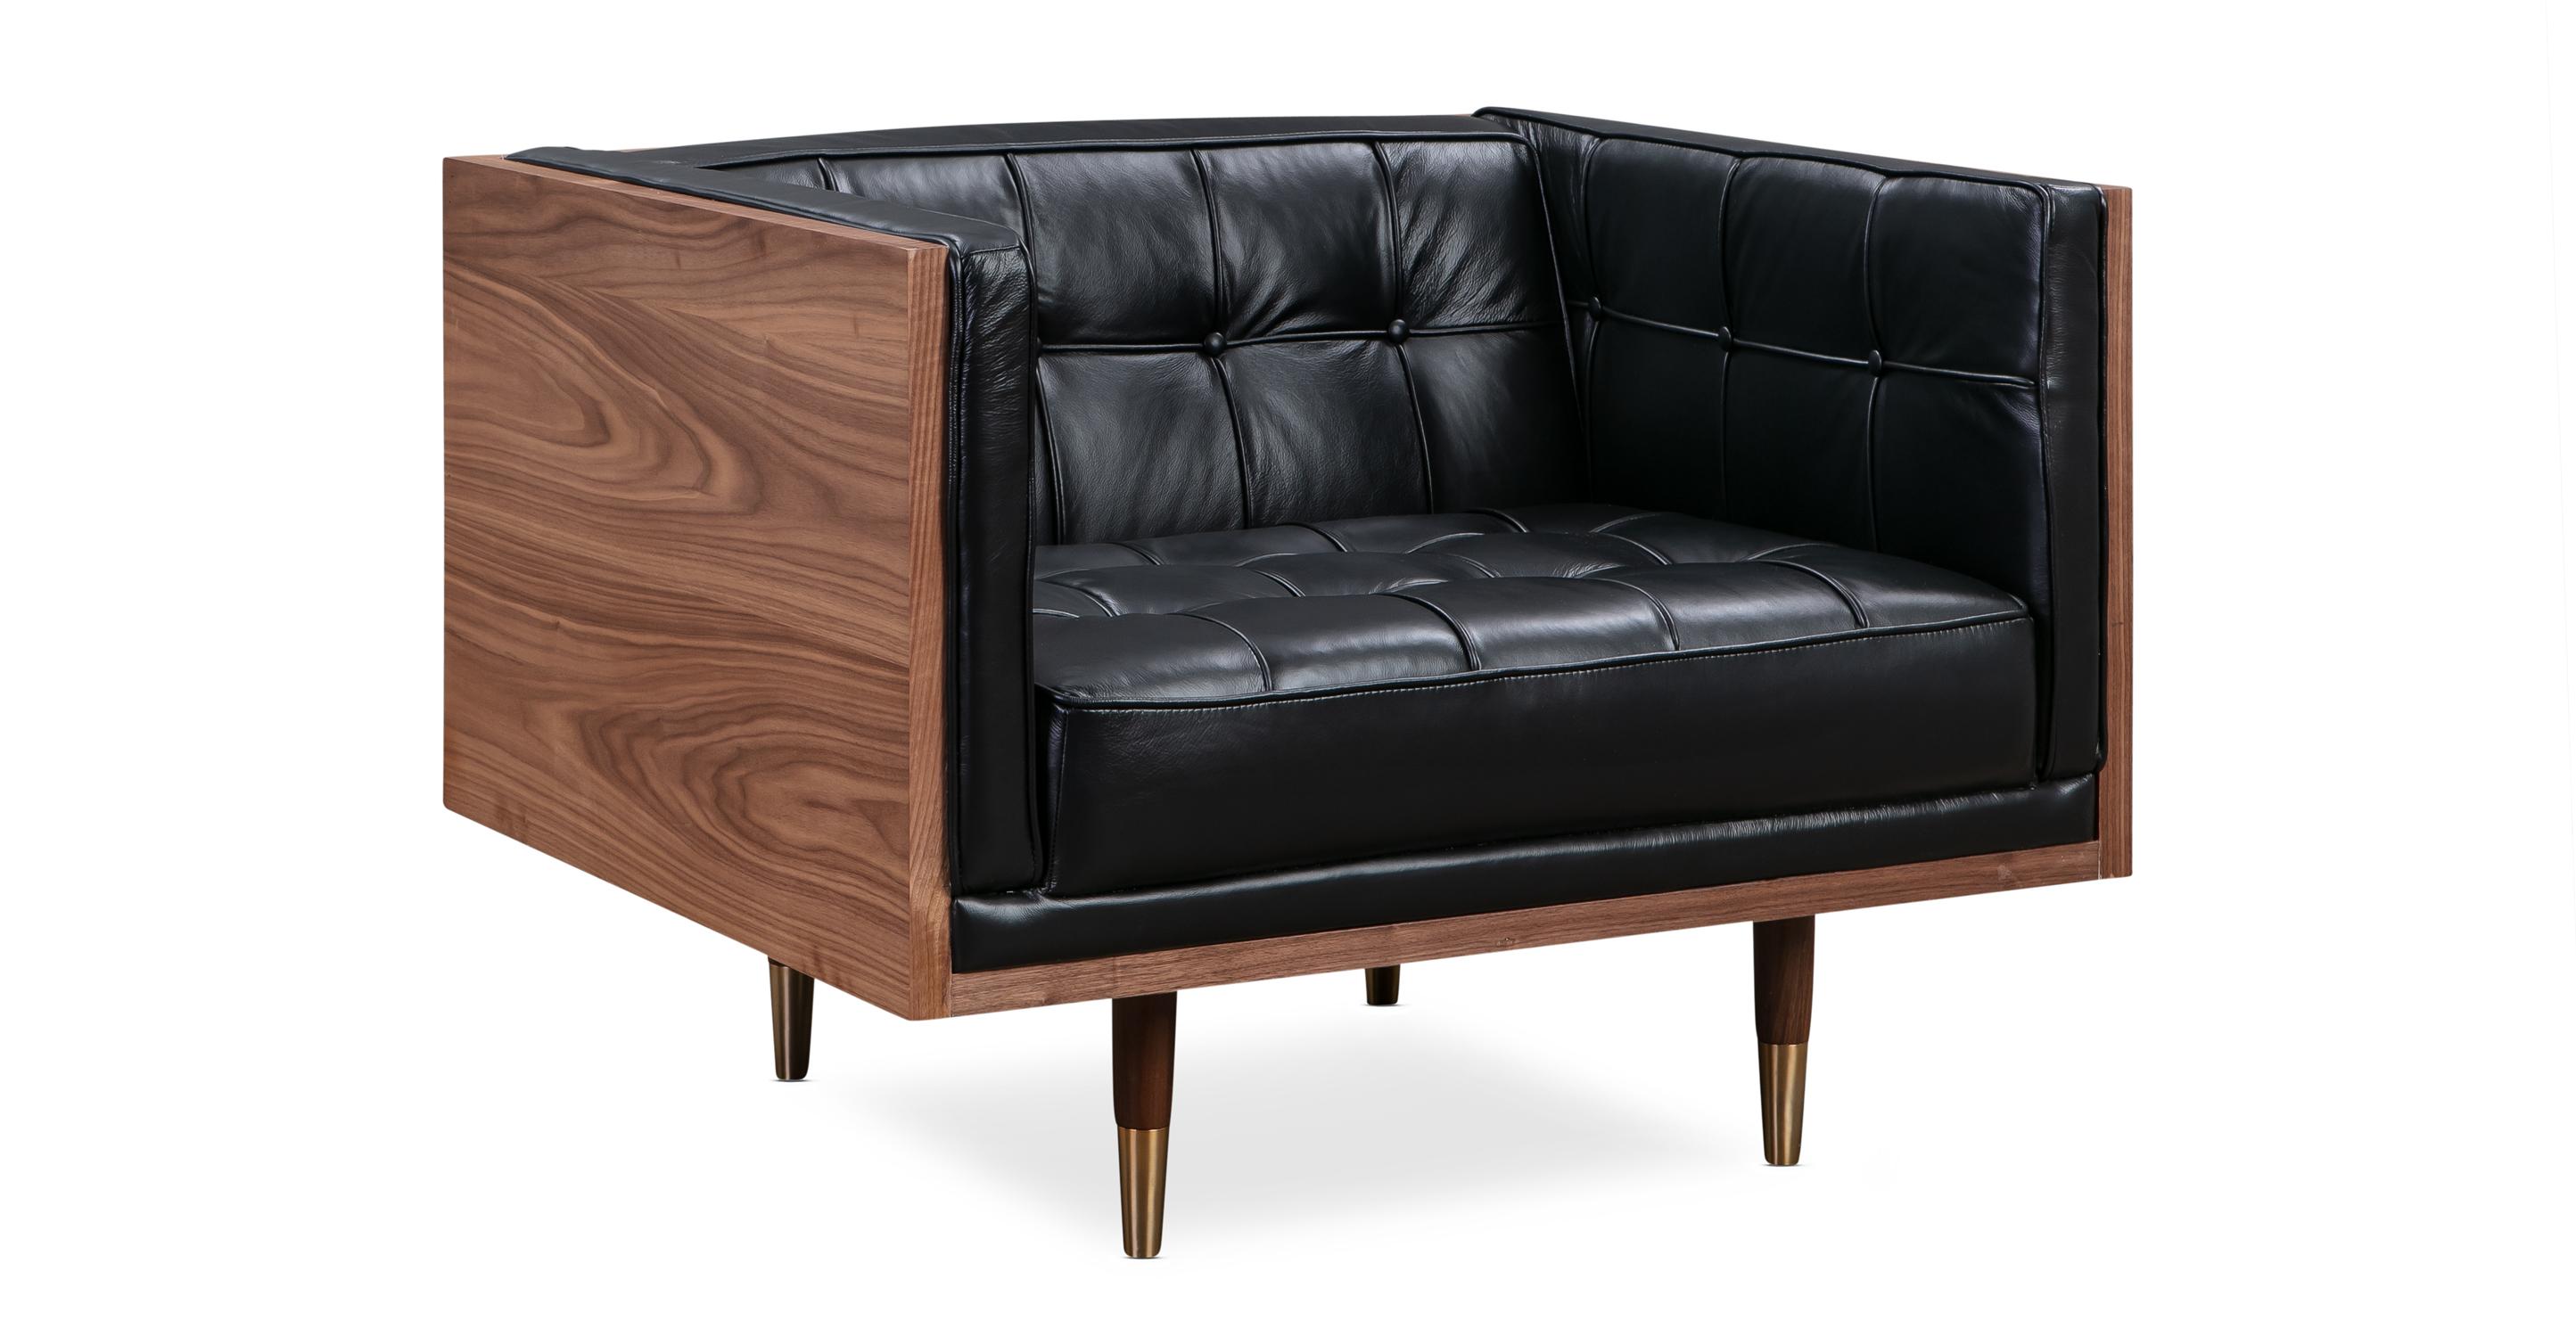 Woodrow Box Leather Chair, Walnut/Black Aniline